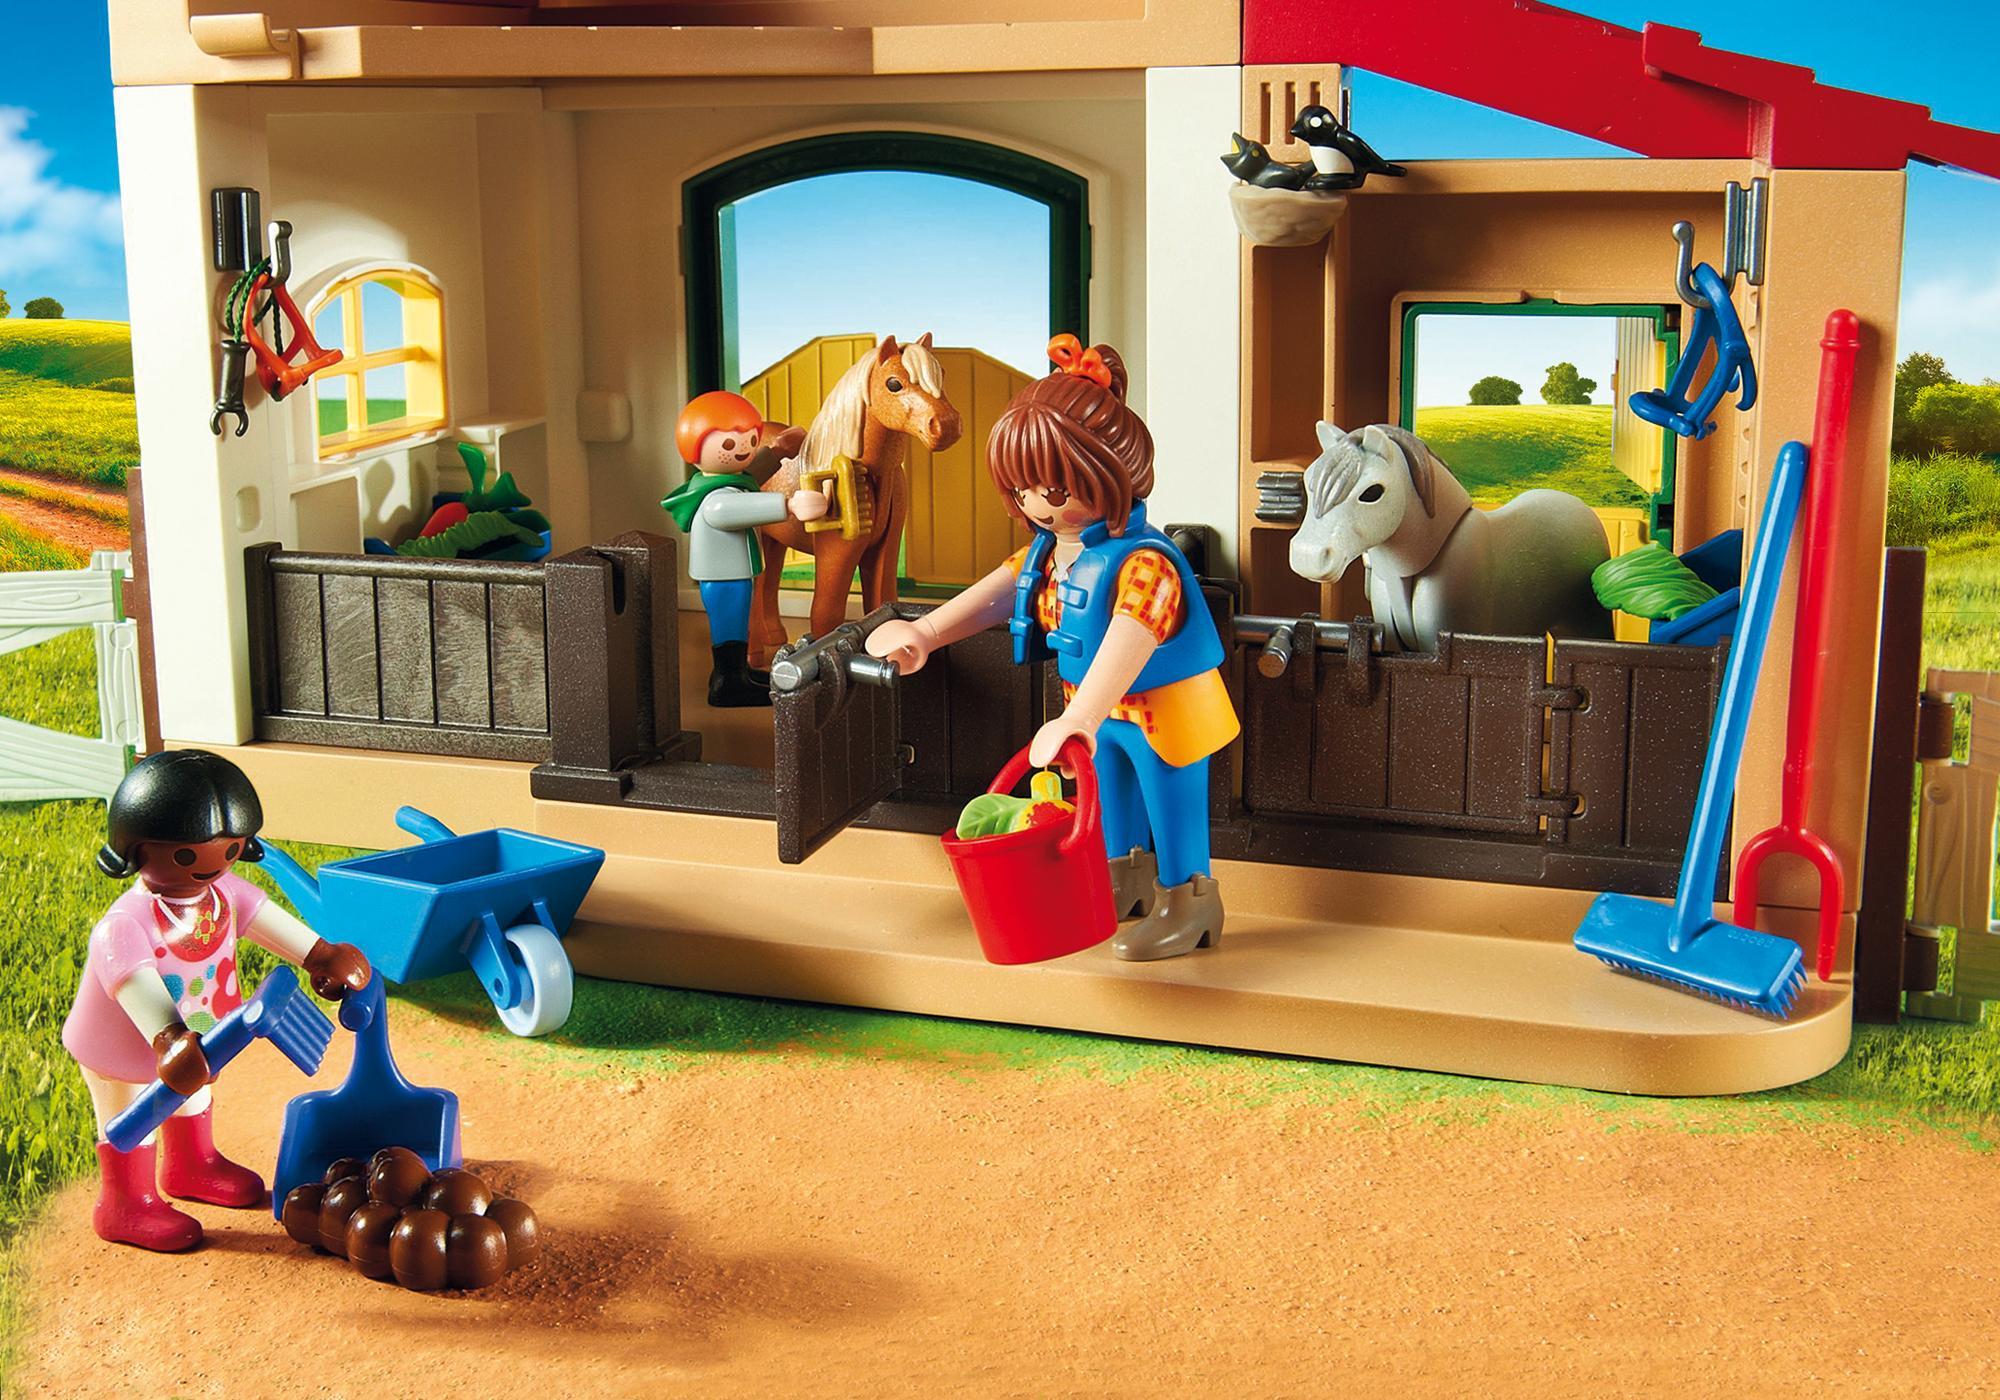 http://media.playmobil.com/i/playmobil/6927_product_extra3/Φάρμα των πόνυ